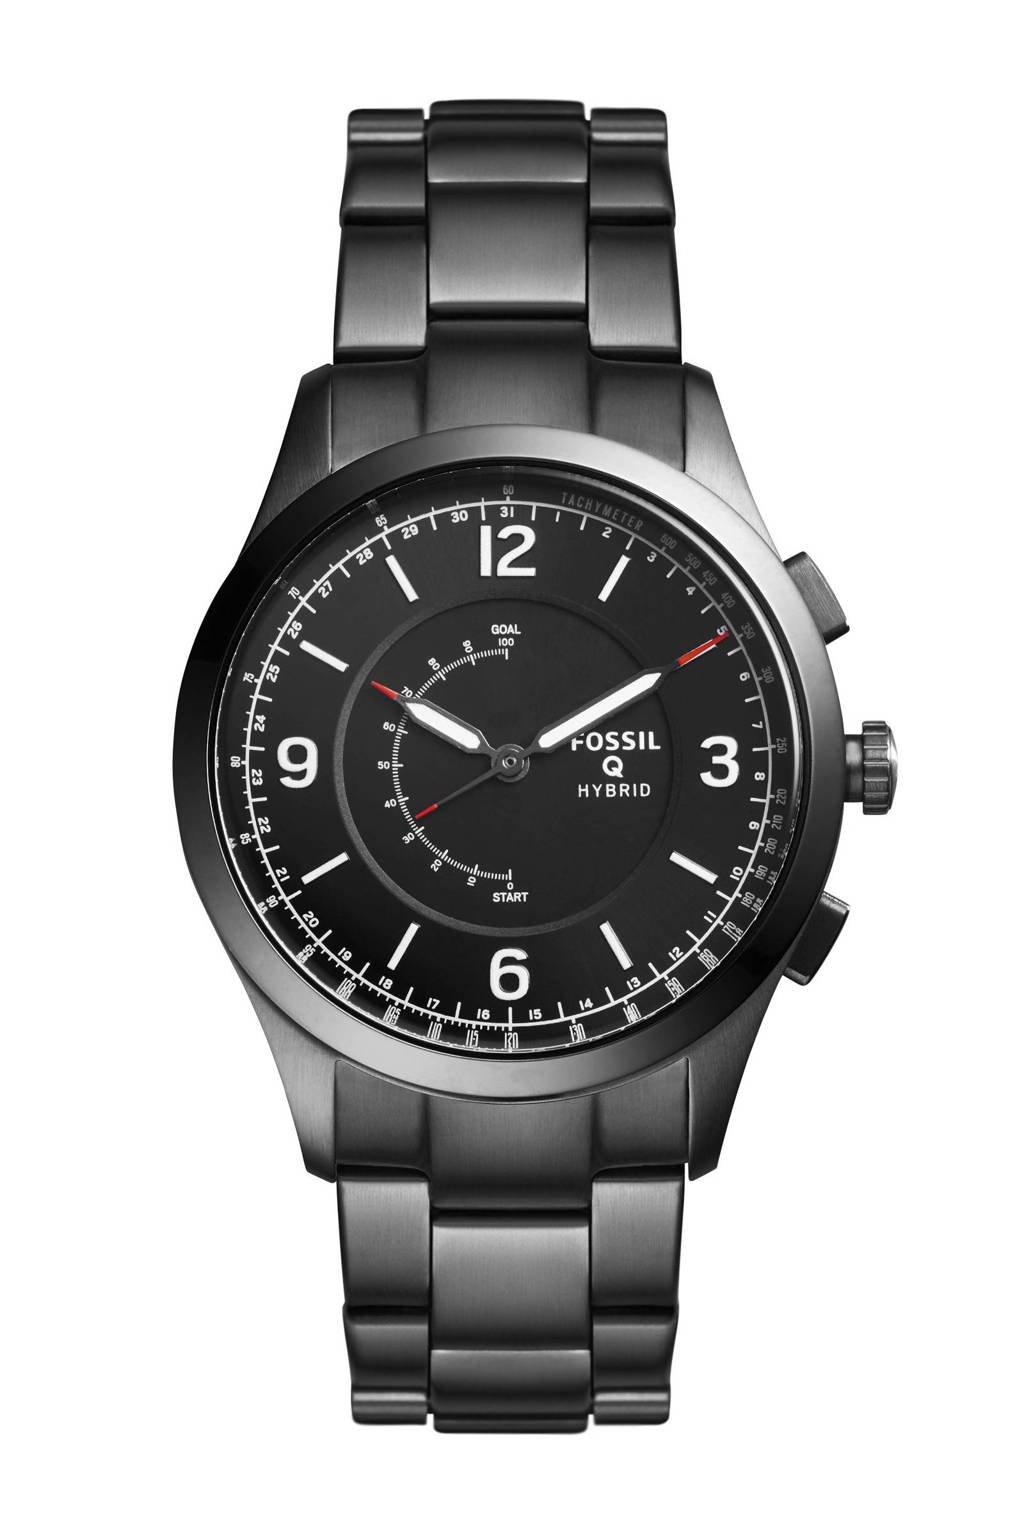 Fossil Q Activist heren Hybrid smartwatch FTW1207, Zwart/gunmetal